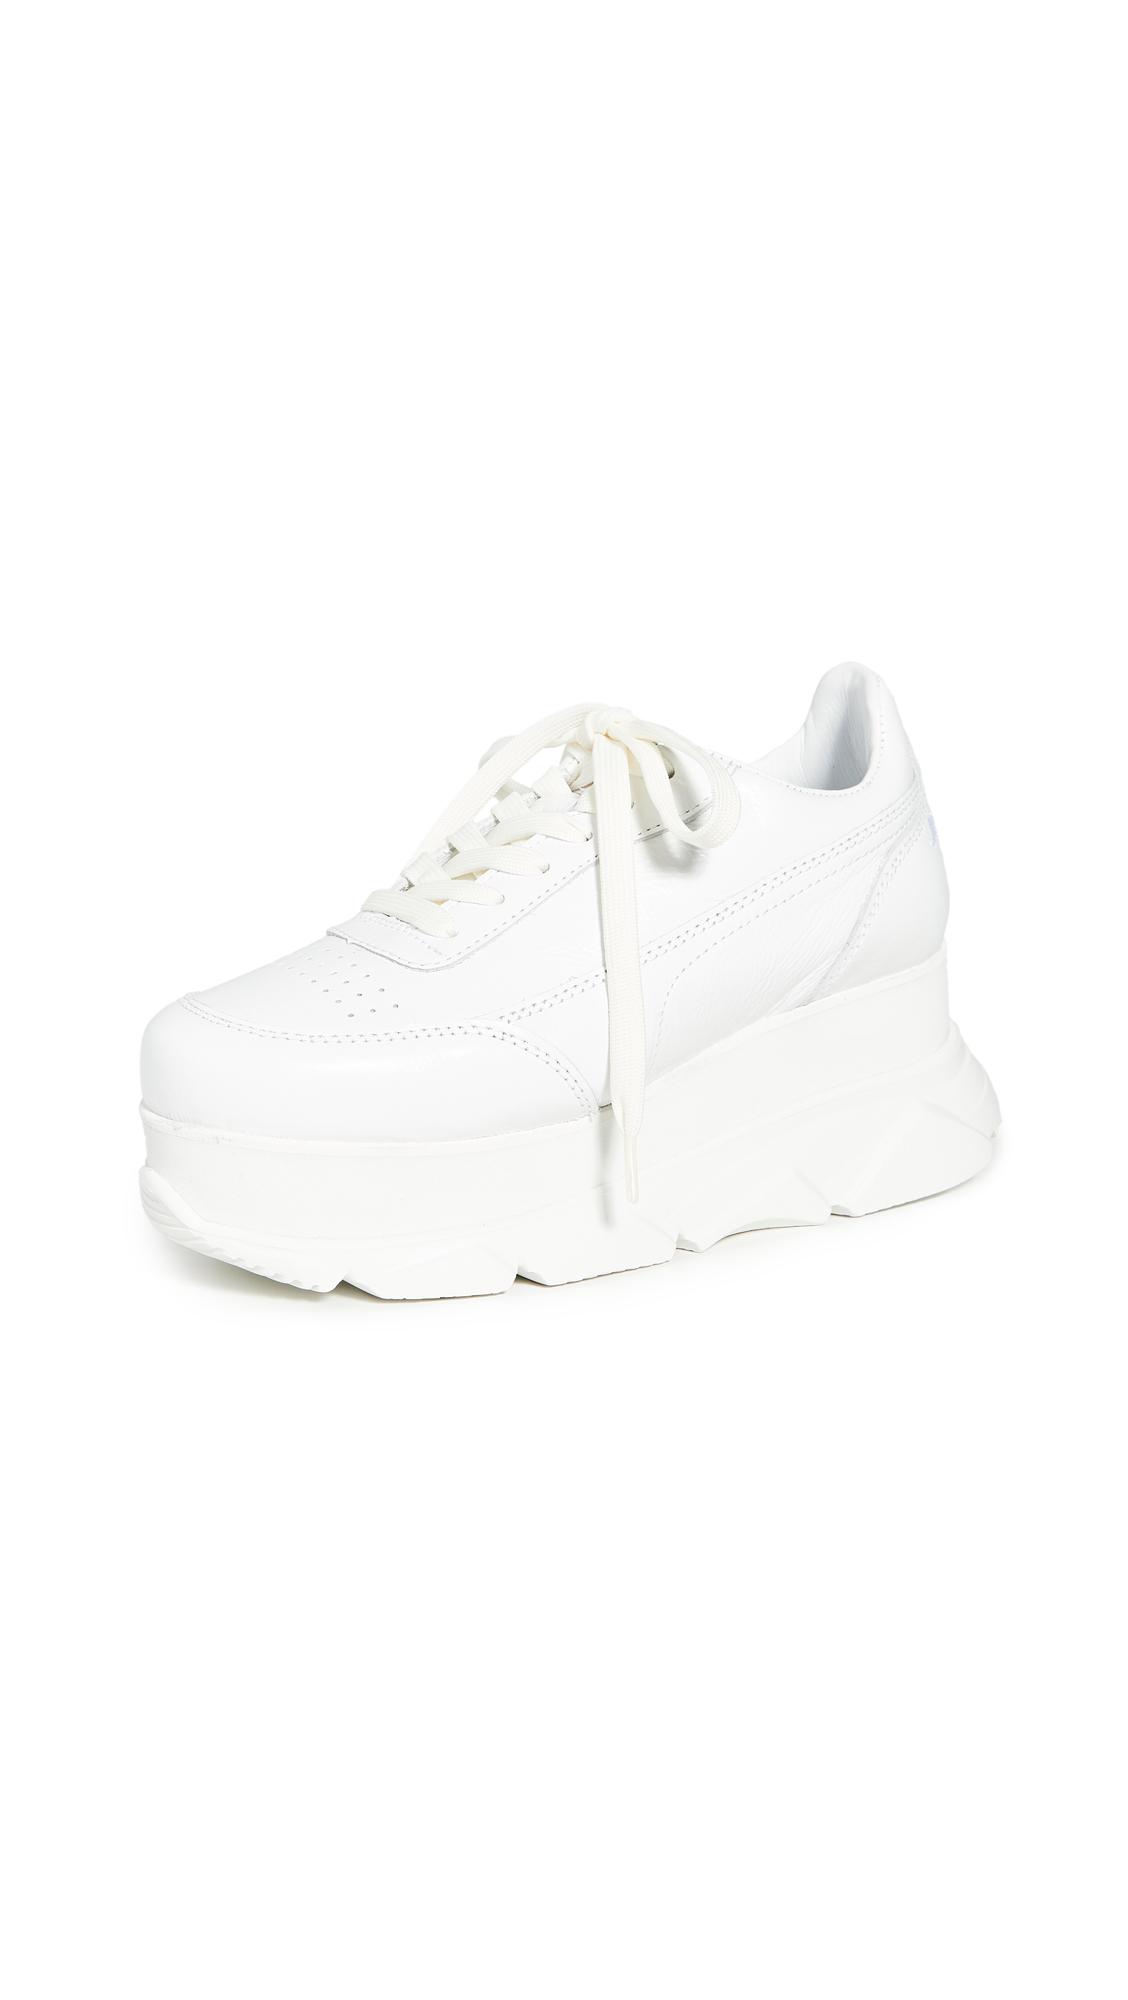 Joshua Sanders Zenith Wedge Sneakers - 70% Off Sale